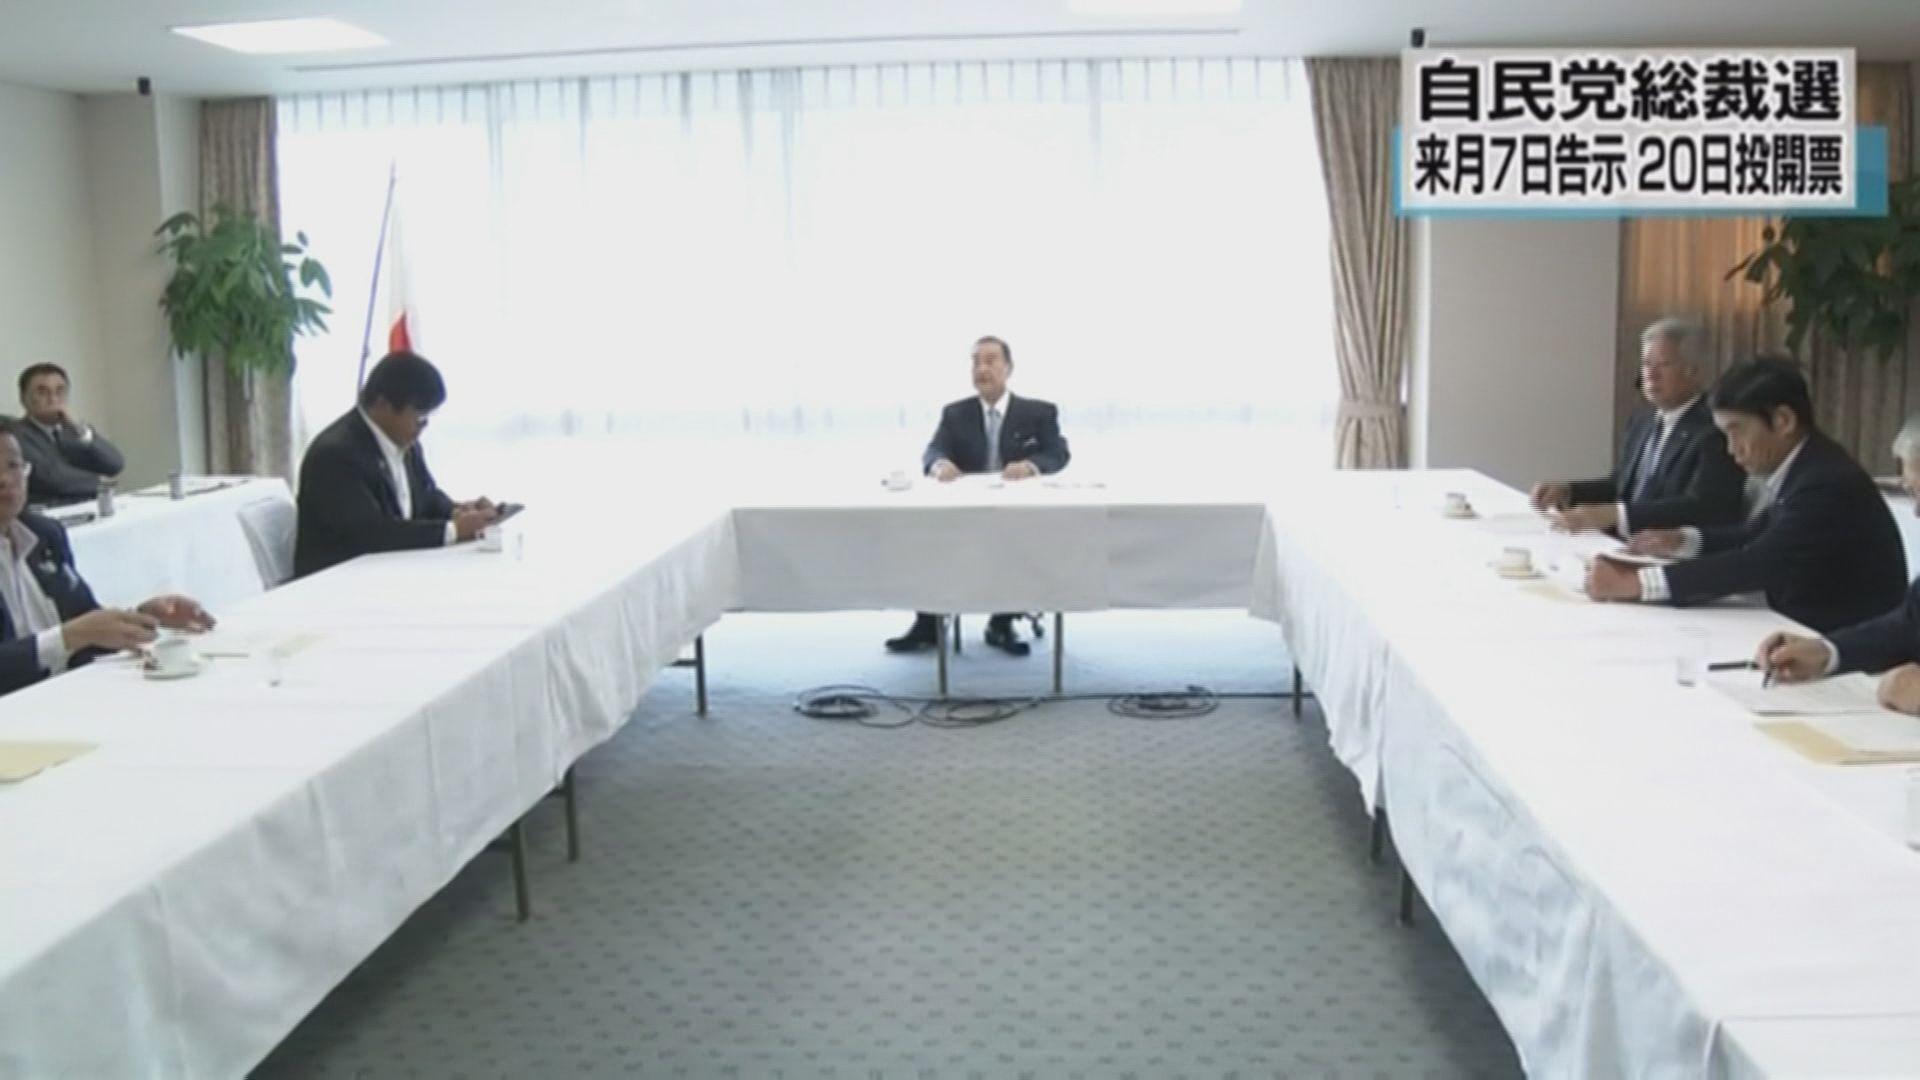 日本自民黨總裁選舉下月20日舉行